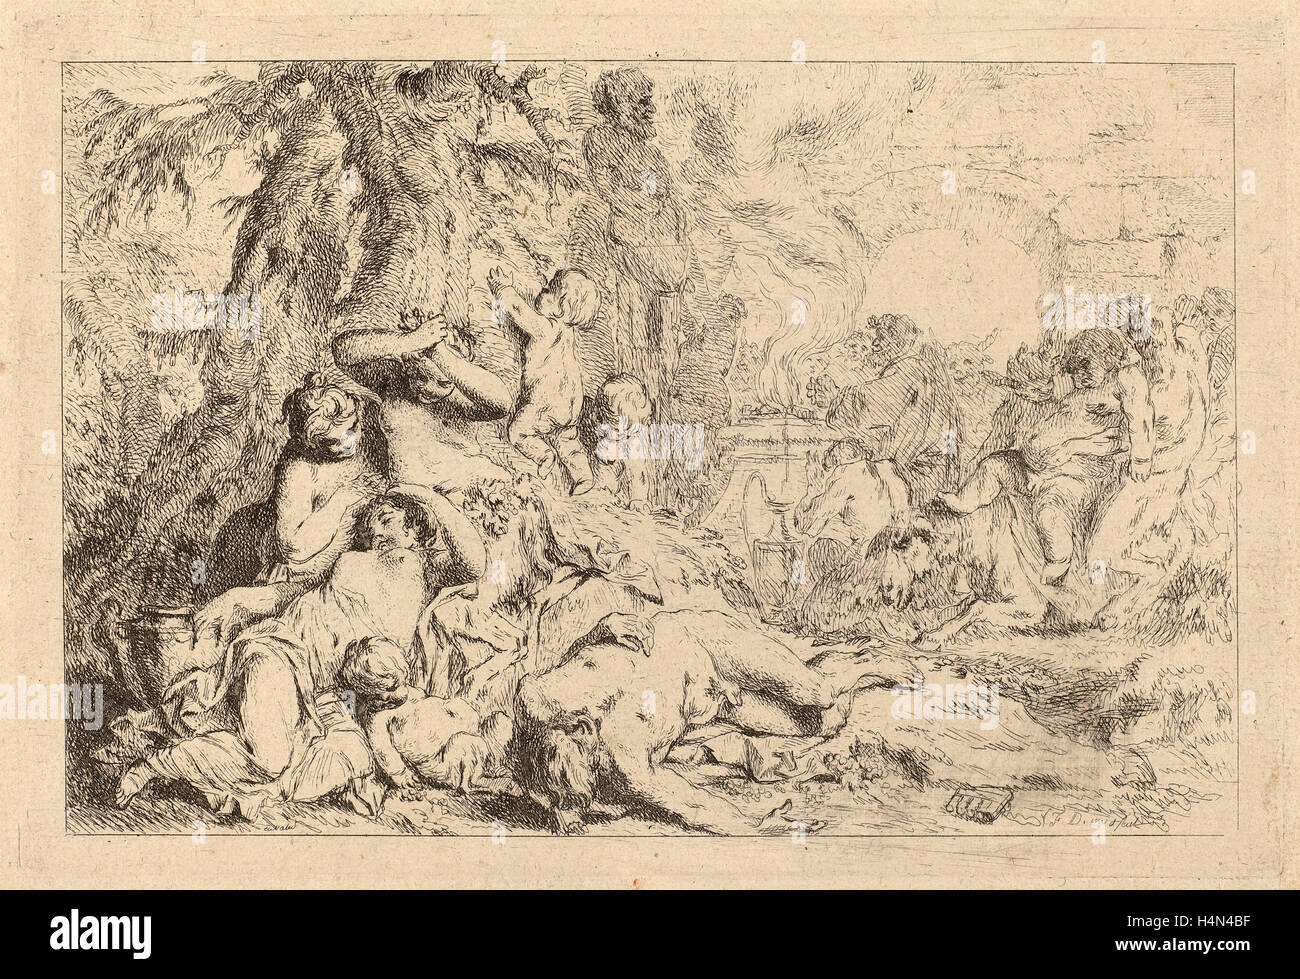 Louis-Felix de La Rue, La Marche de Silène, 'Jeux de Satyres', French, 1731 - 1765, etching on laid - Stock Image